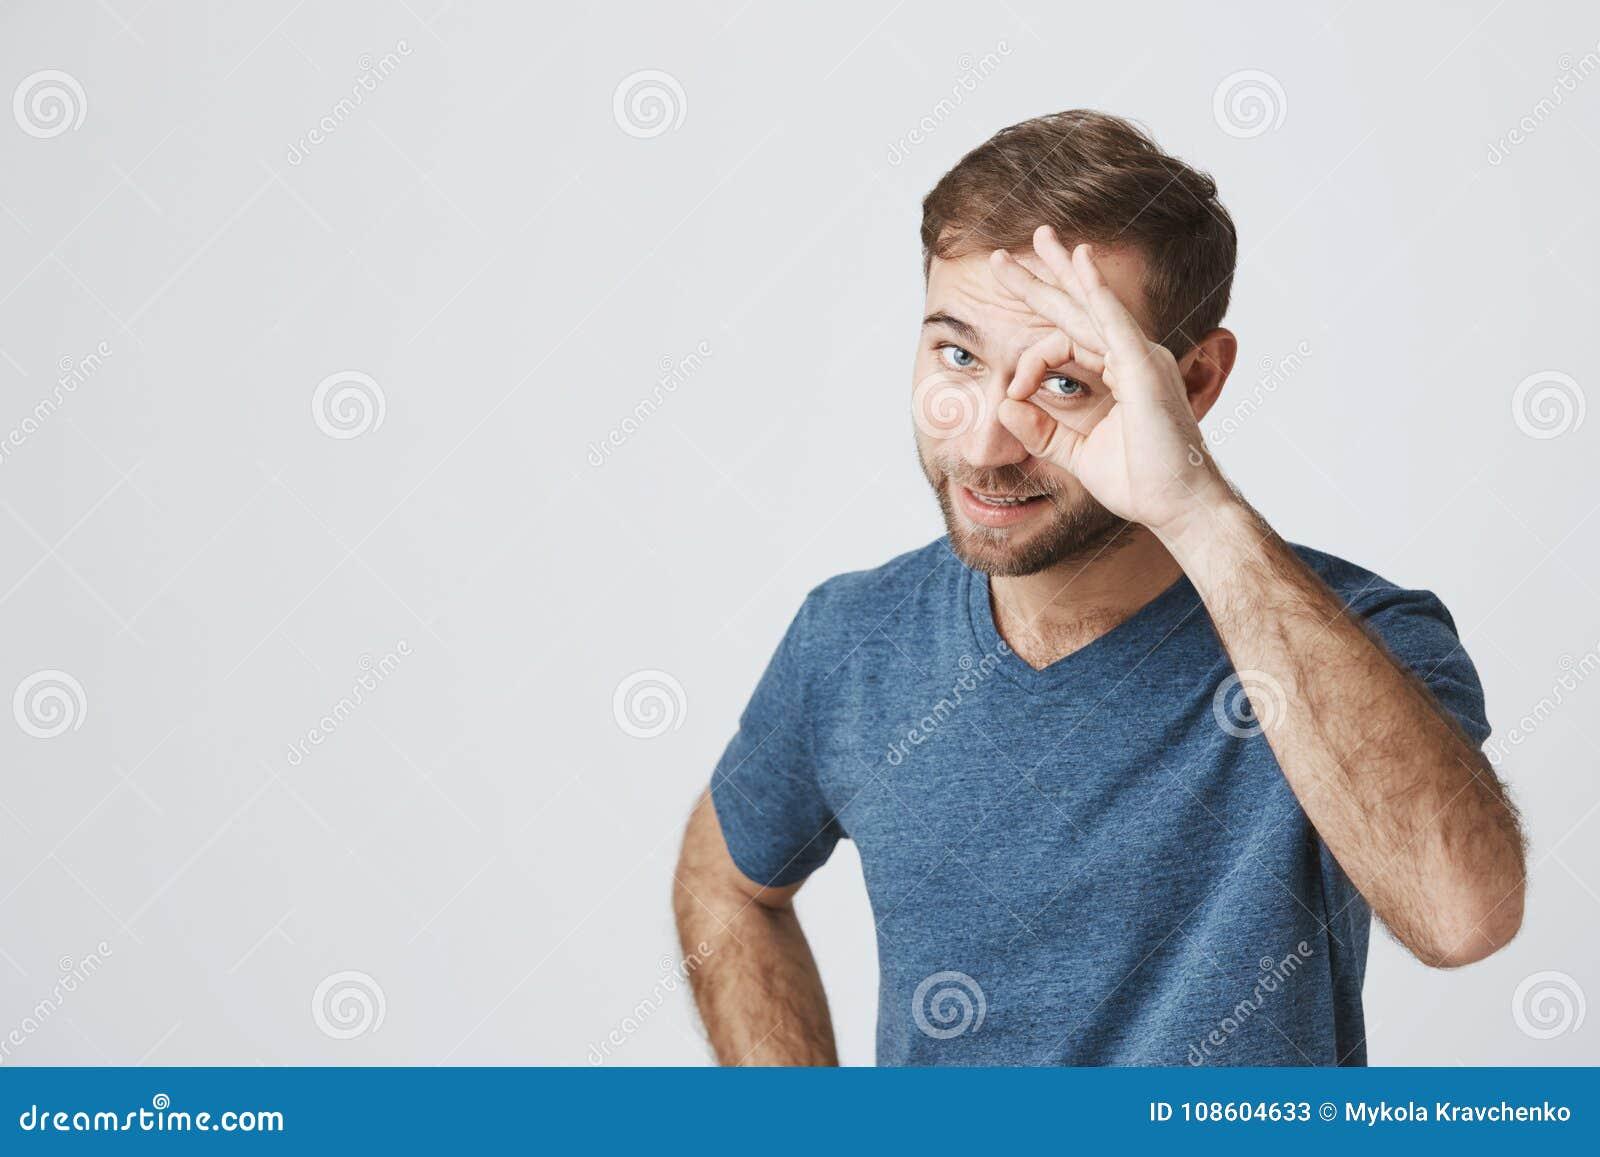 De positieve gebaarde kerel in blauwe t-shirt toont o.k. teken, aantoont dat alles, akkoord gaat fijn is Zekere vrolijke mens